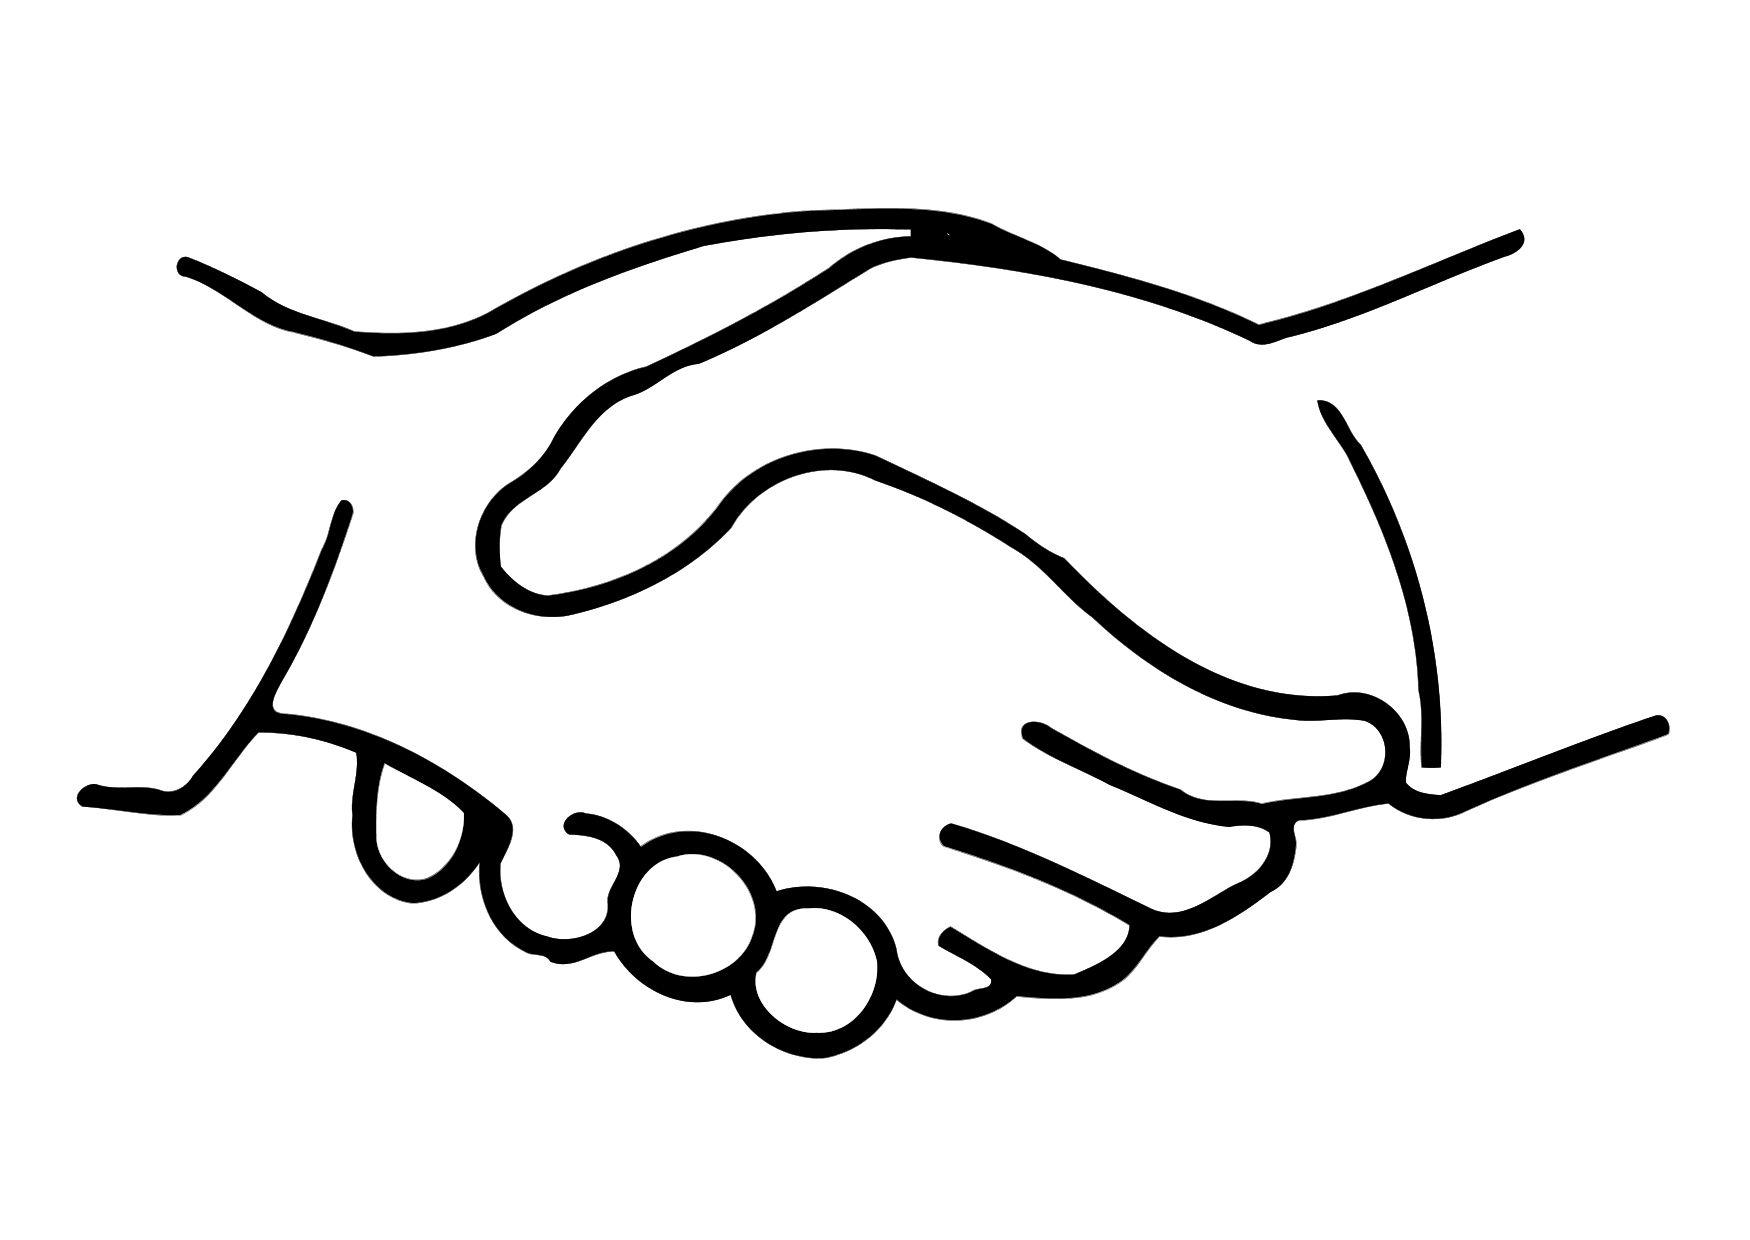 Tranh tô màu bắt tay đơn giản